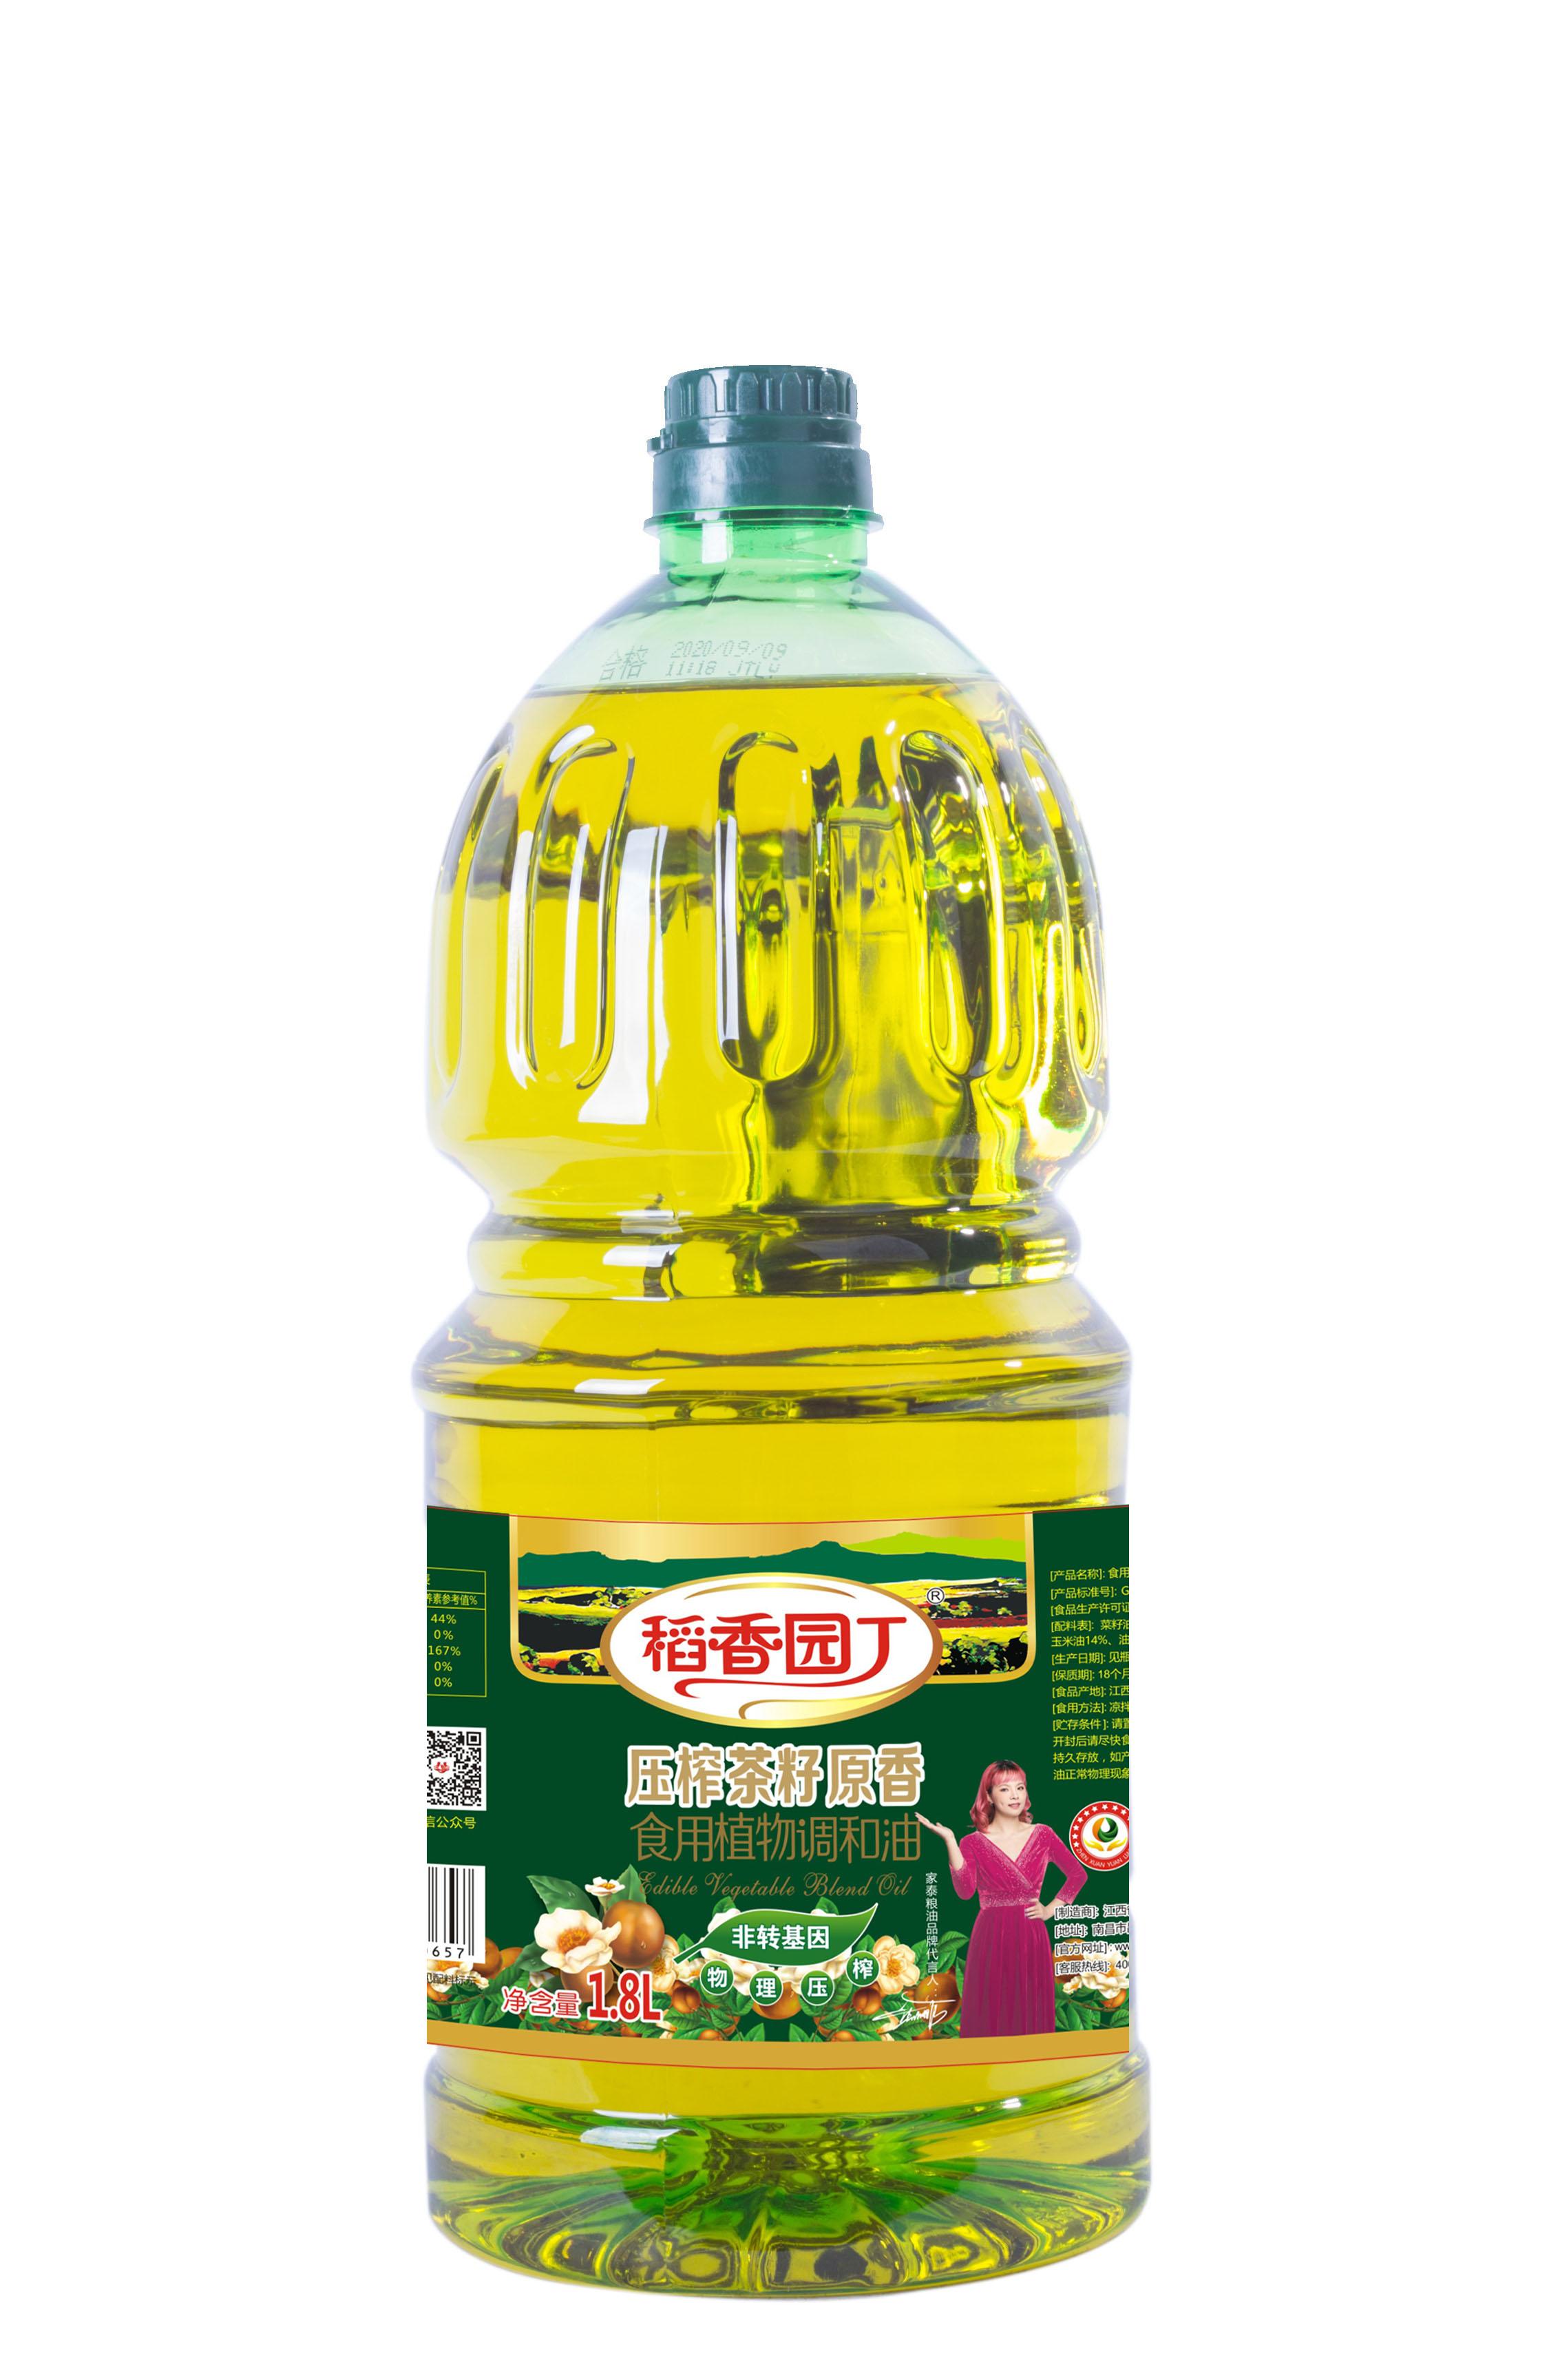 伟德体育平台粮油每月一款产品1.8升伟德体育手机版茶籽调何有